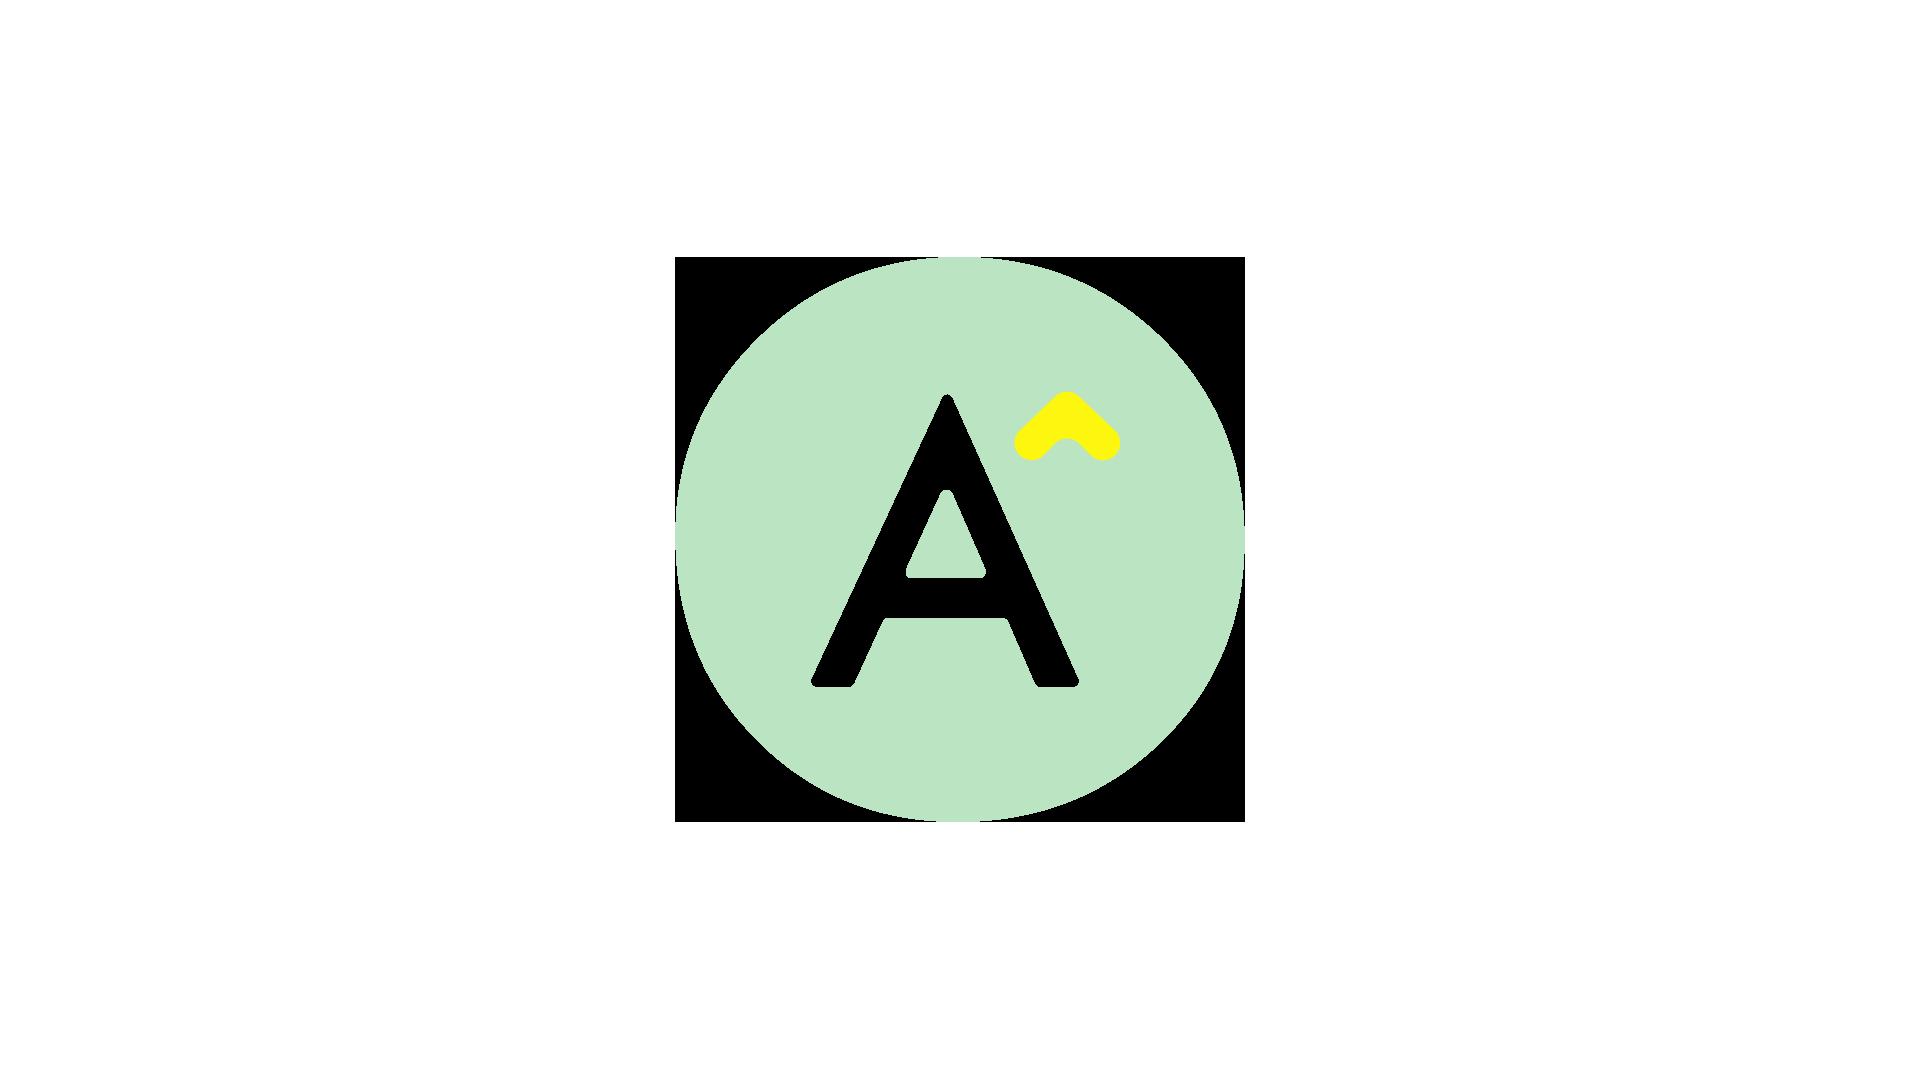 INSTITUTO_ATAIRU_isotipo